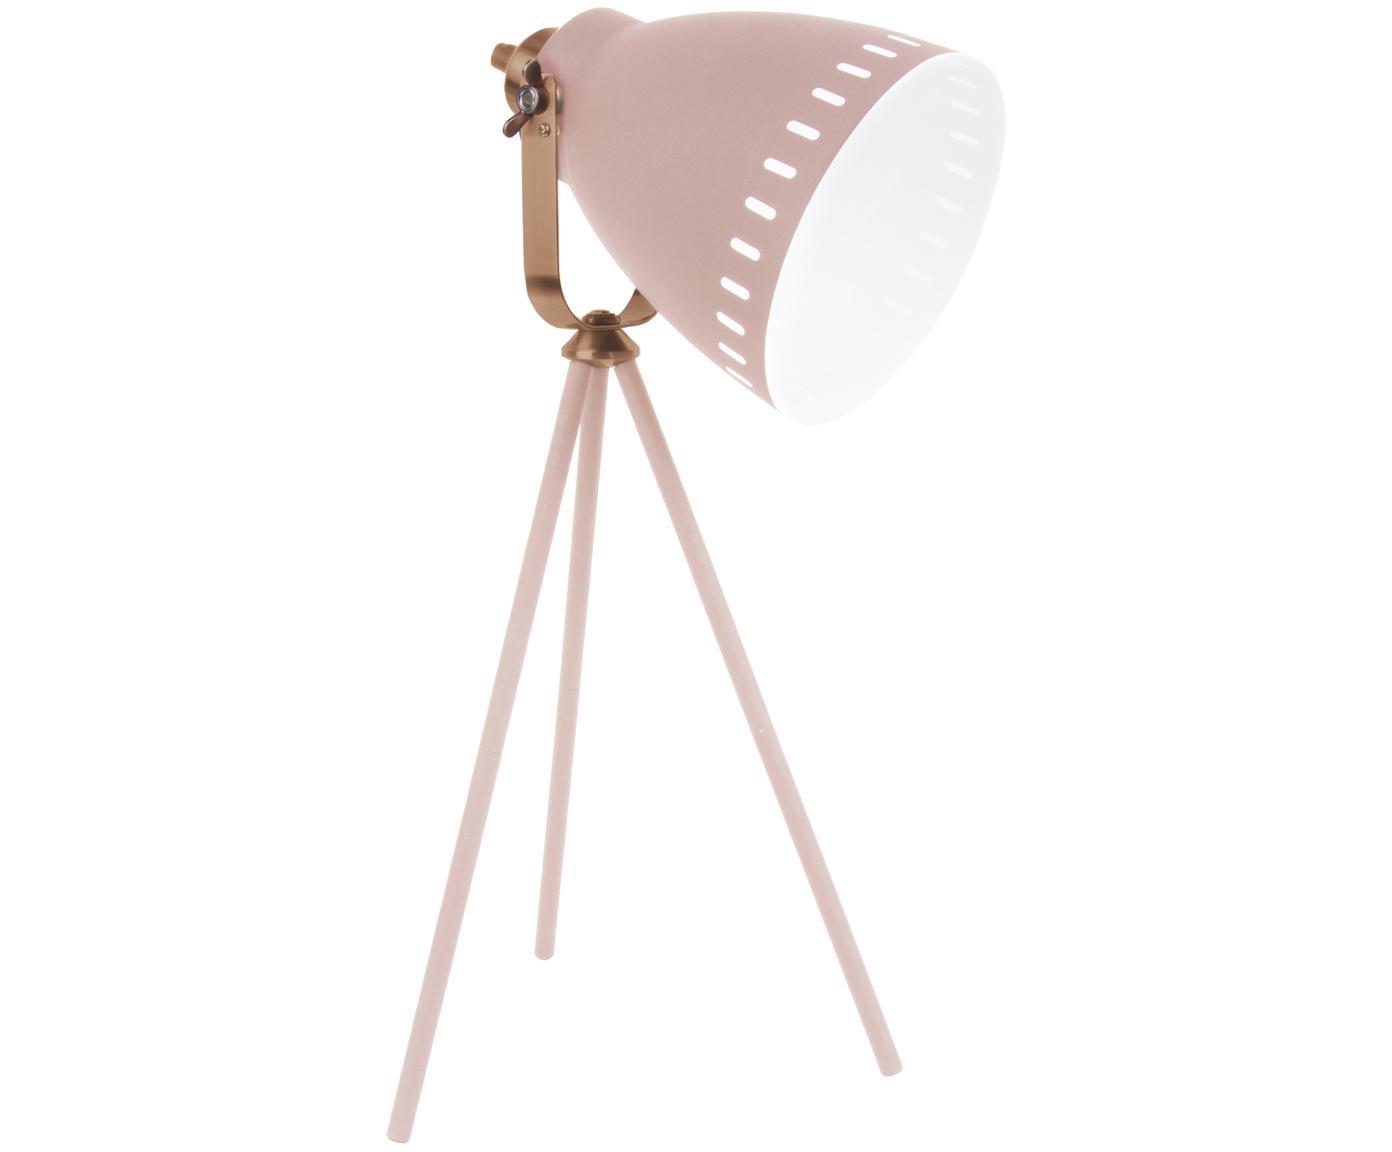 Schreibtischlampe Mingle im Industrial-Style, Weiß, Kupferfarben, 27 x 54 cm